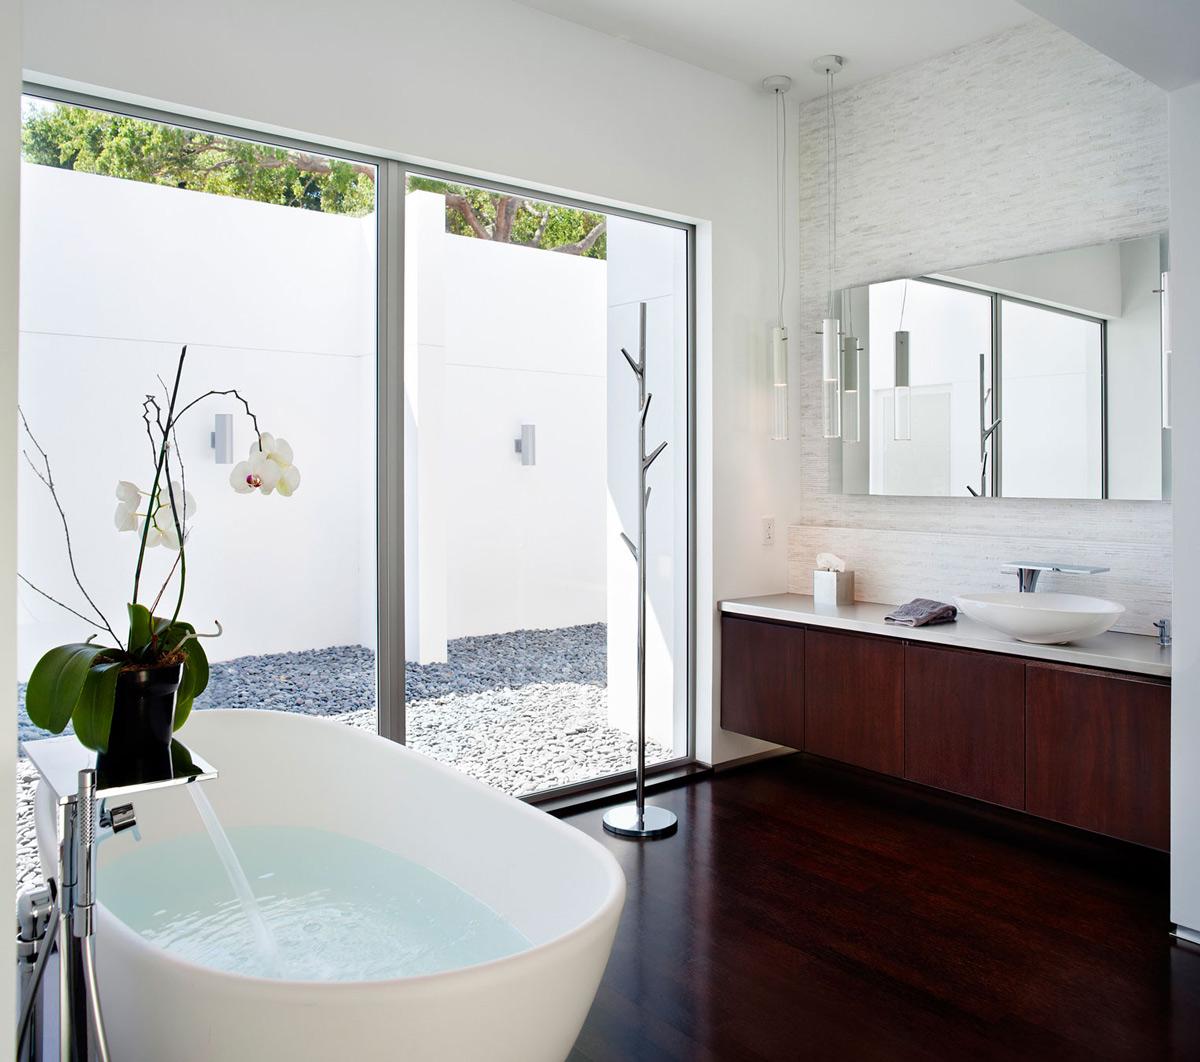 Bathroom, Eco-Friendly Contemporary Home in Winter Haven, Florida